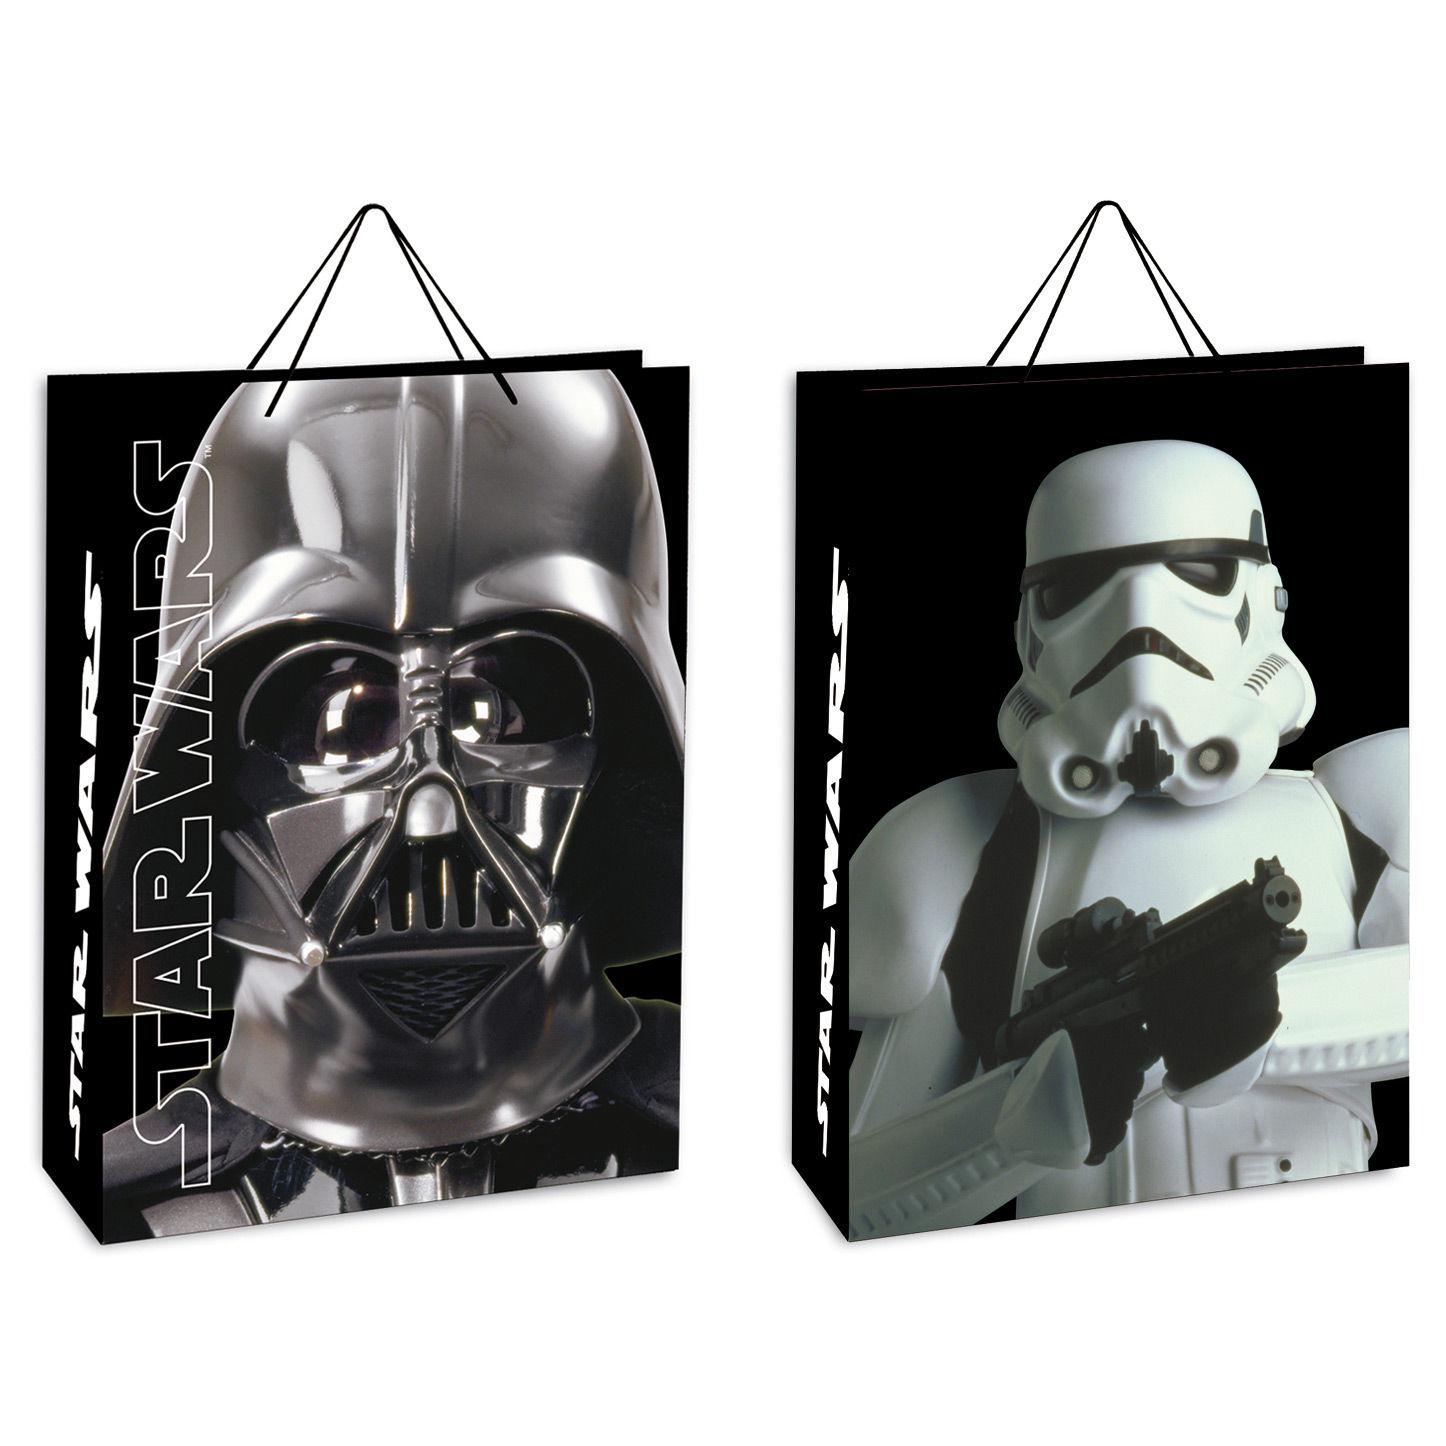 sac cadeau star wars grand format. Black Bedroom Furniture Sets. Home Design Ideas